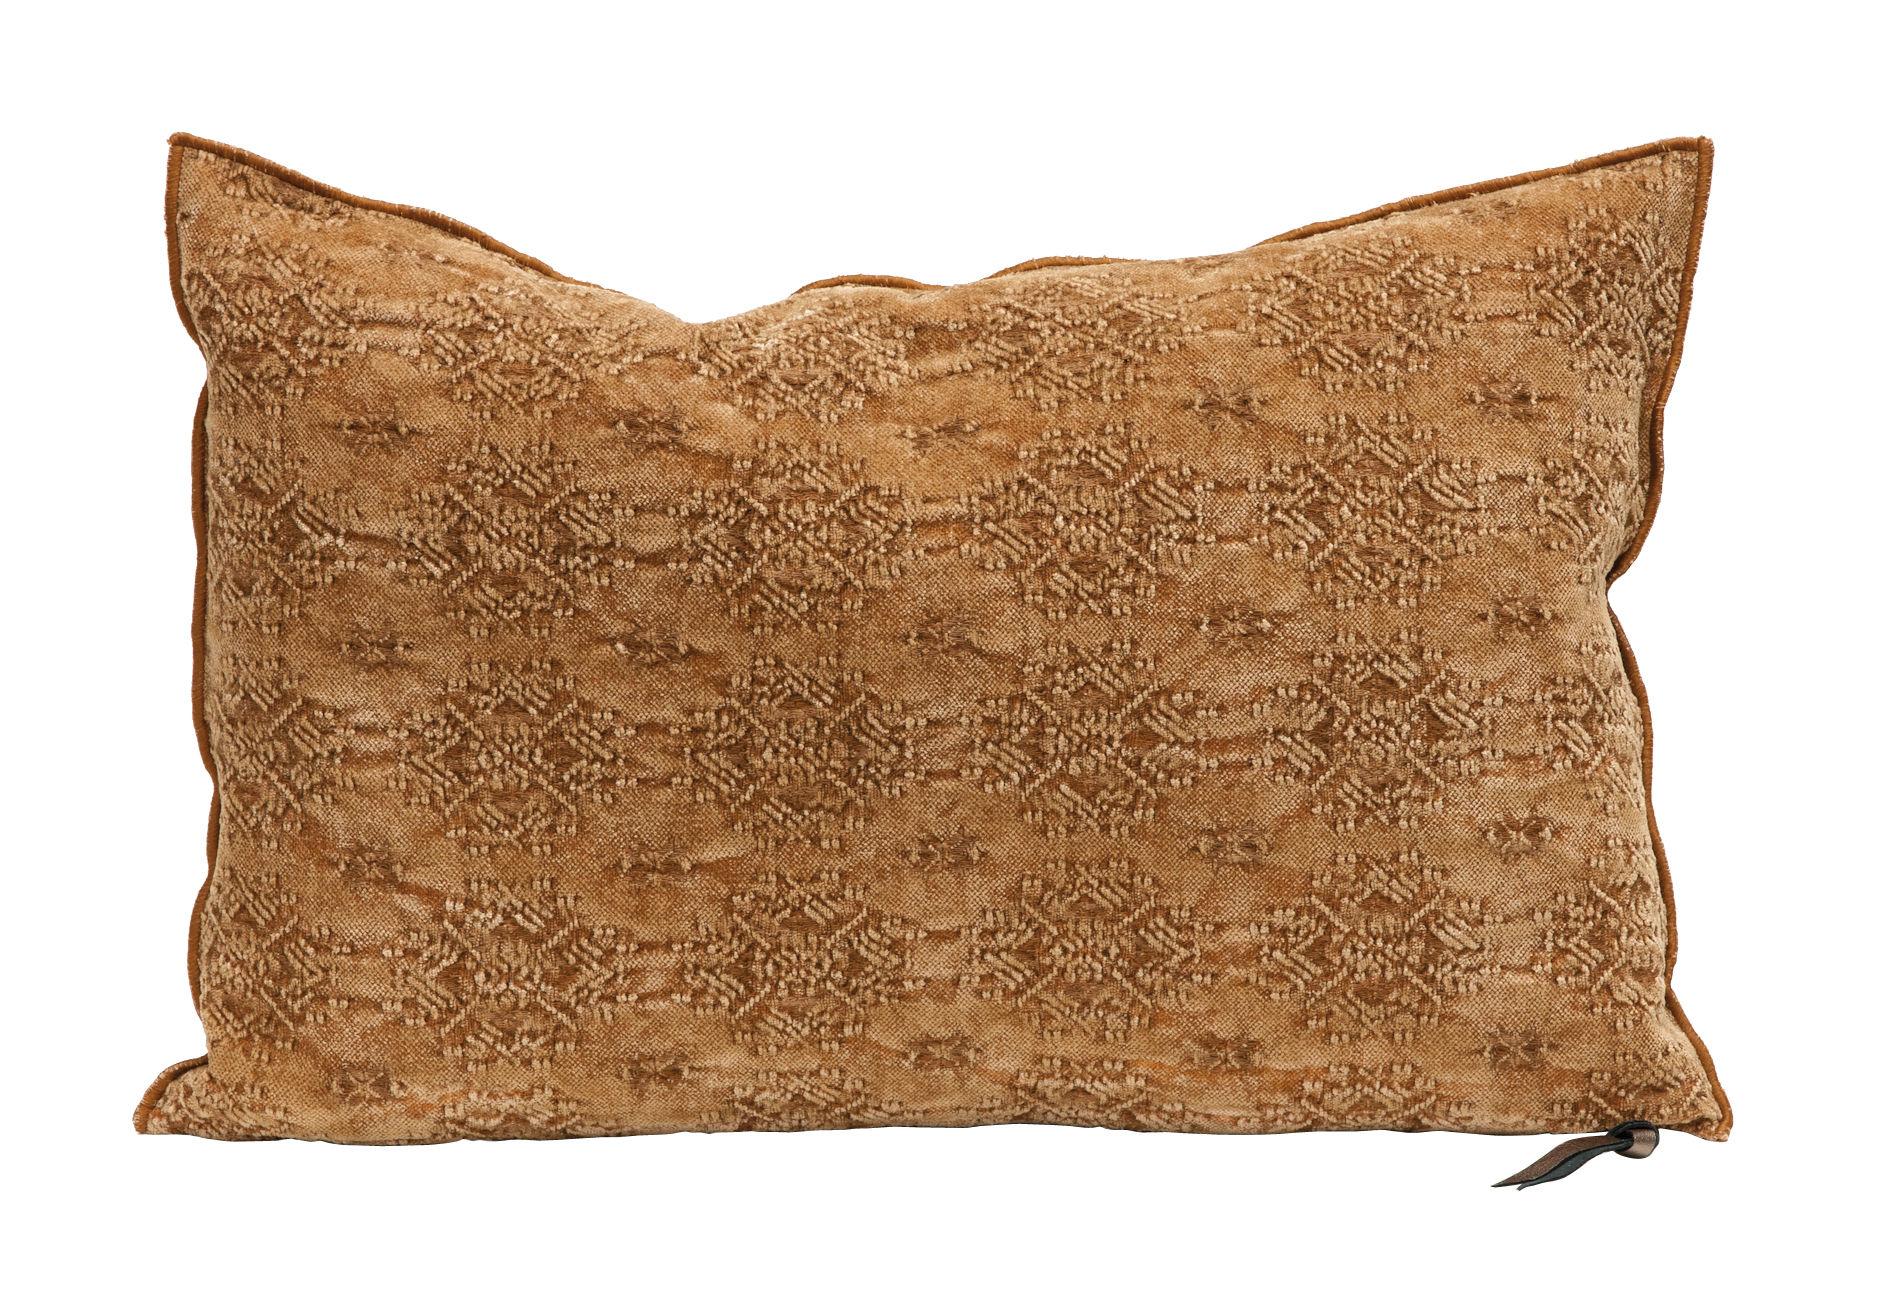 Déco - Coussins - Coussin Vice Versa / 40 x 60 cm - Jacquard - Maison de Vacances - Kilim Terracotta - Coton, Jacquard, Plumes de canard